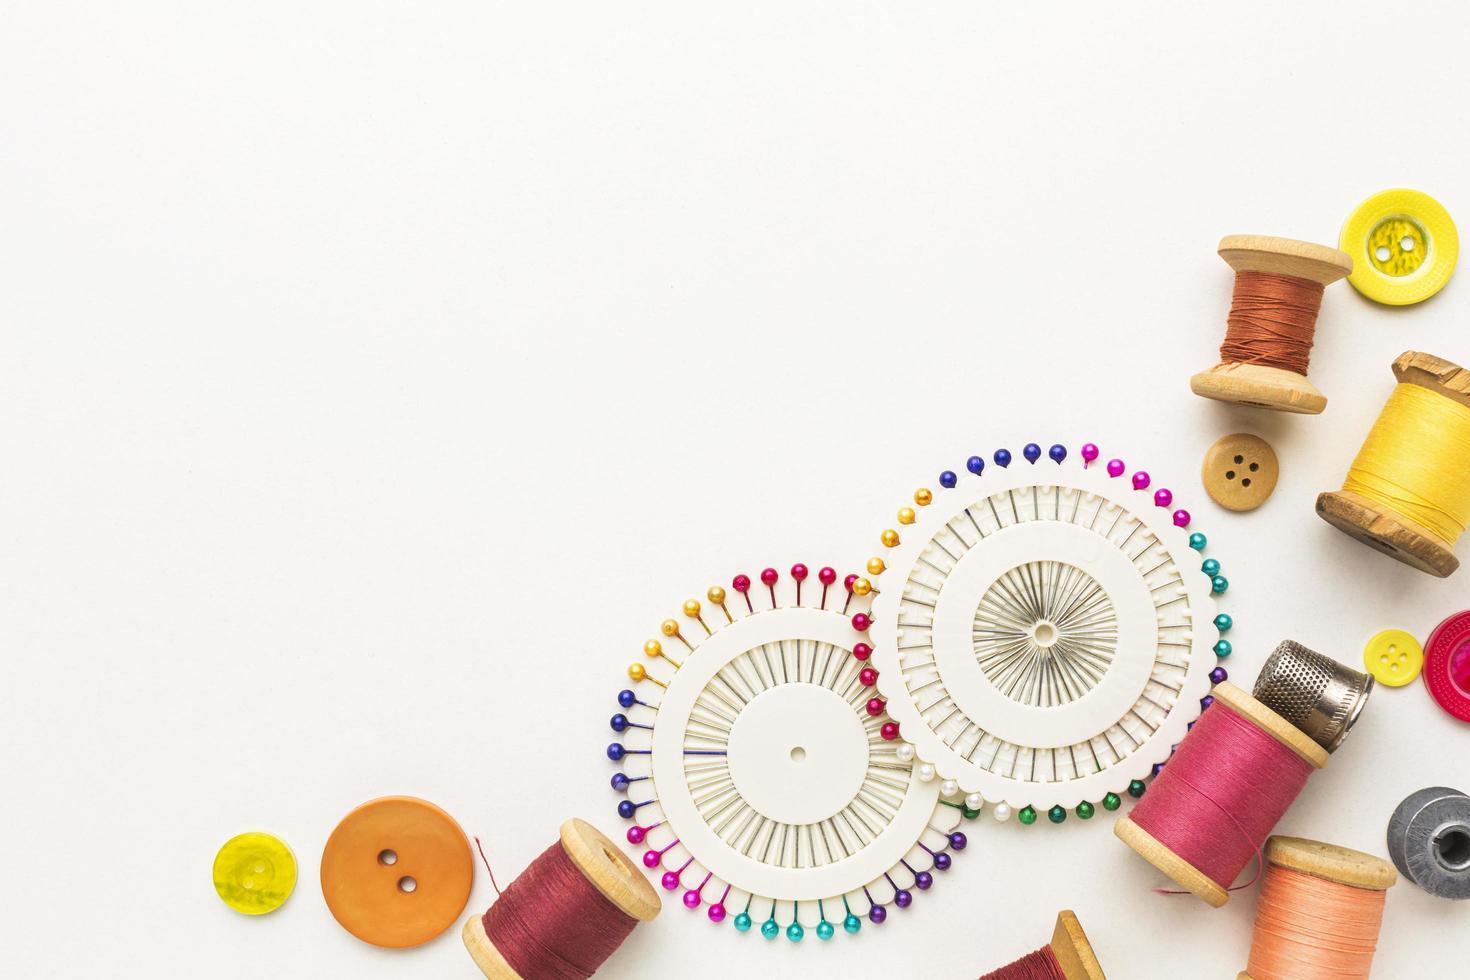 tråd, nålar och knappar med kopieringsutrymme foto